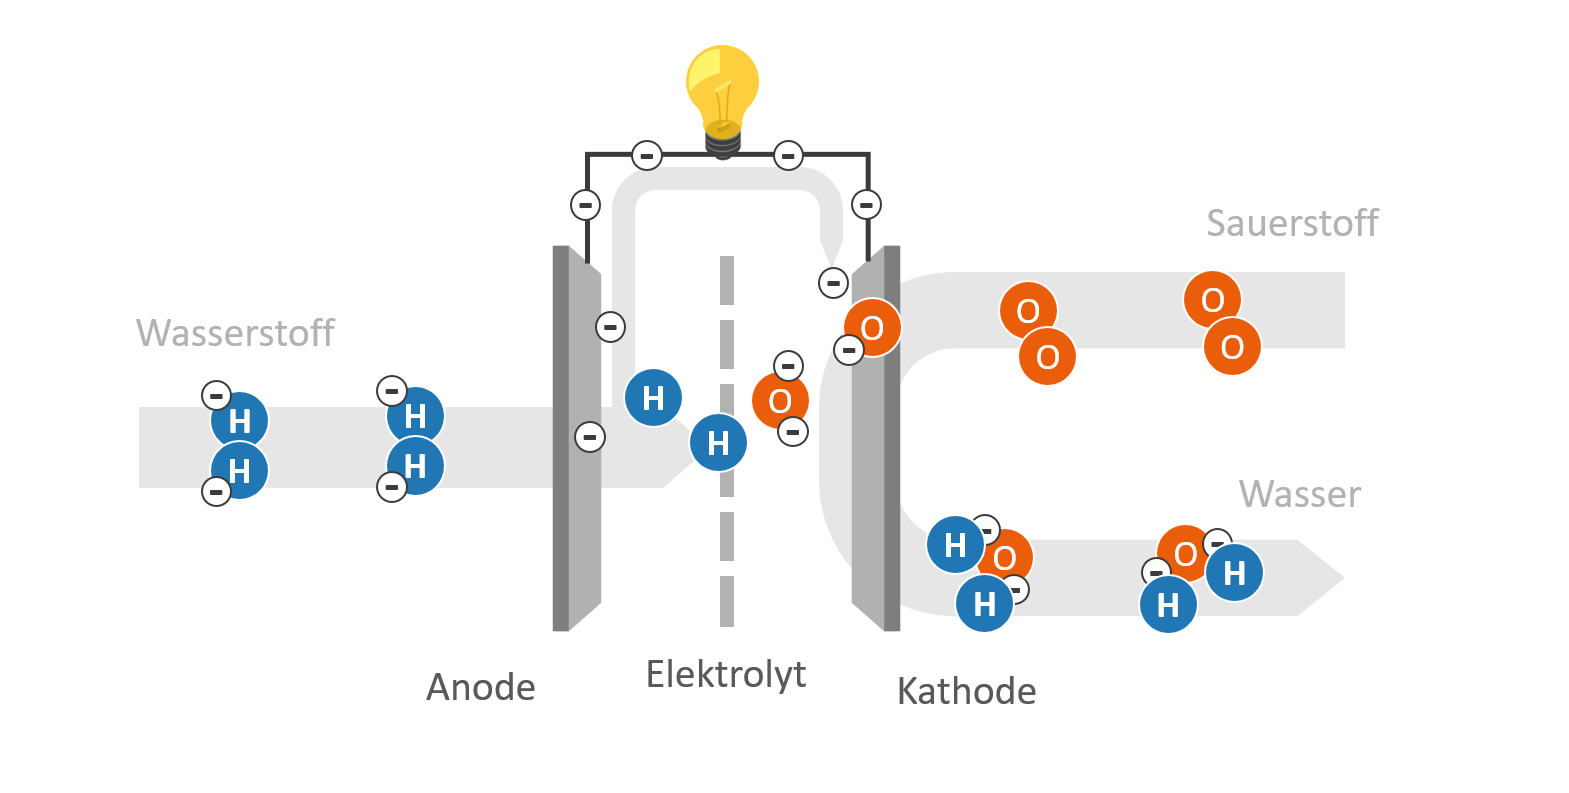 Funktionsweise einer Brennstoffzelle - Schematische Darstellung